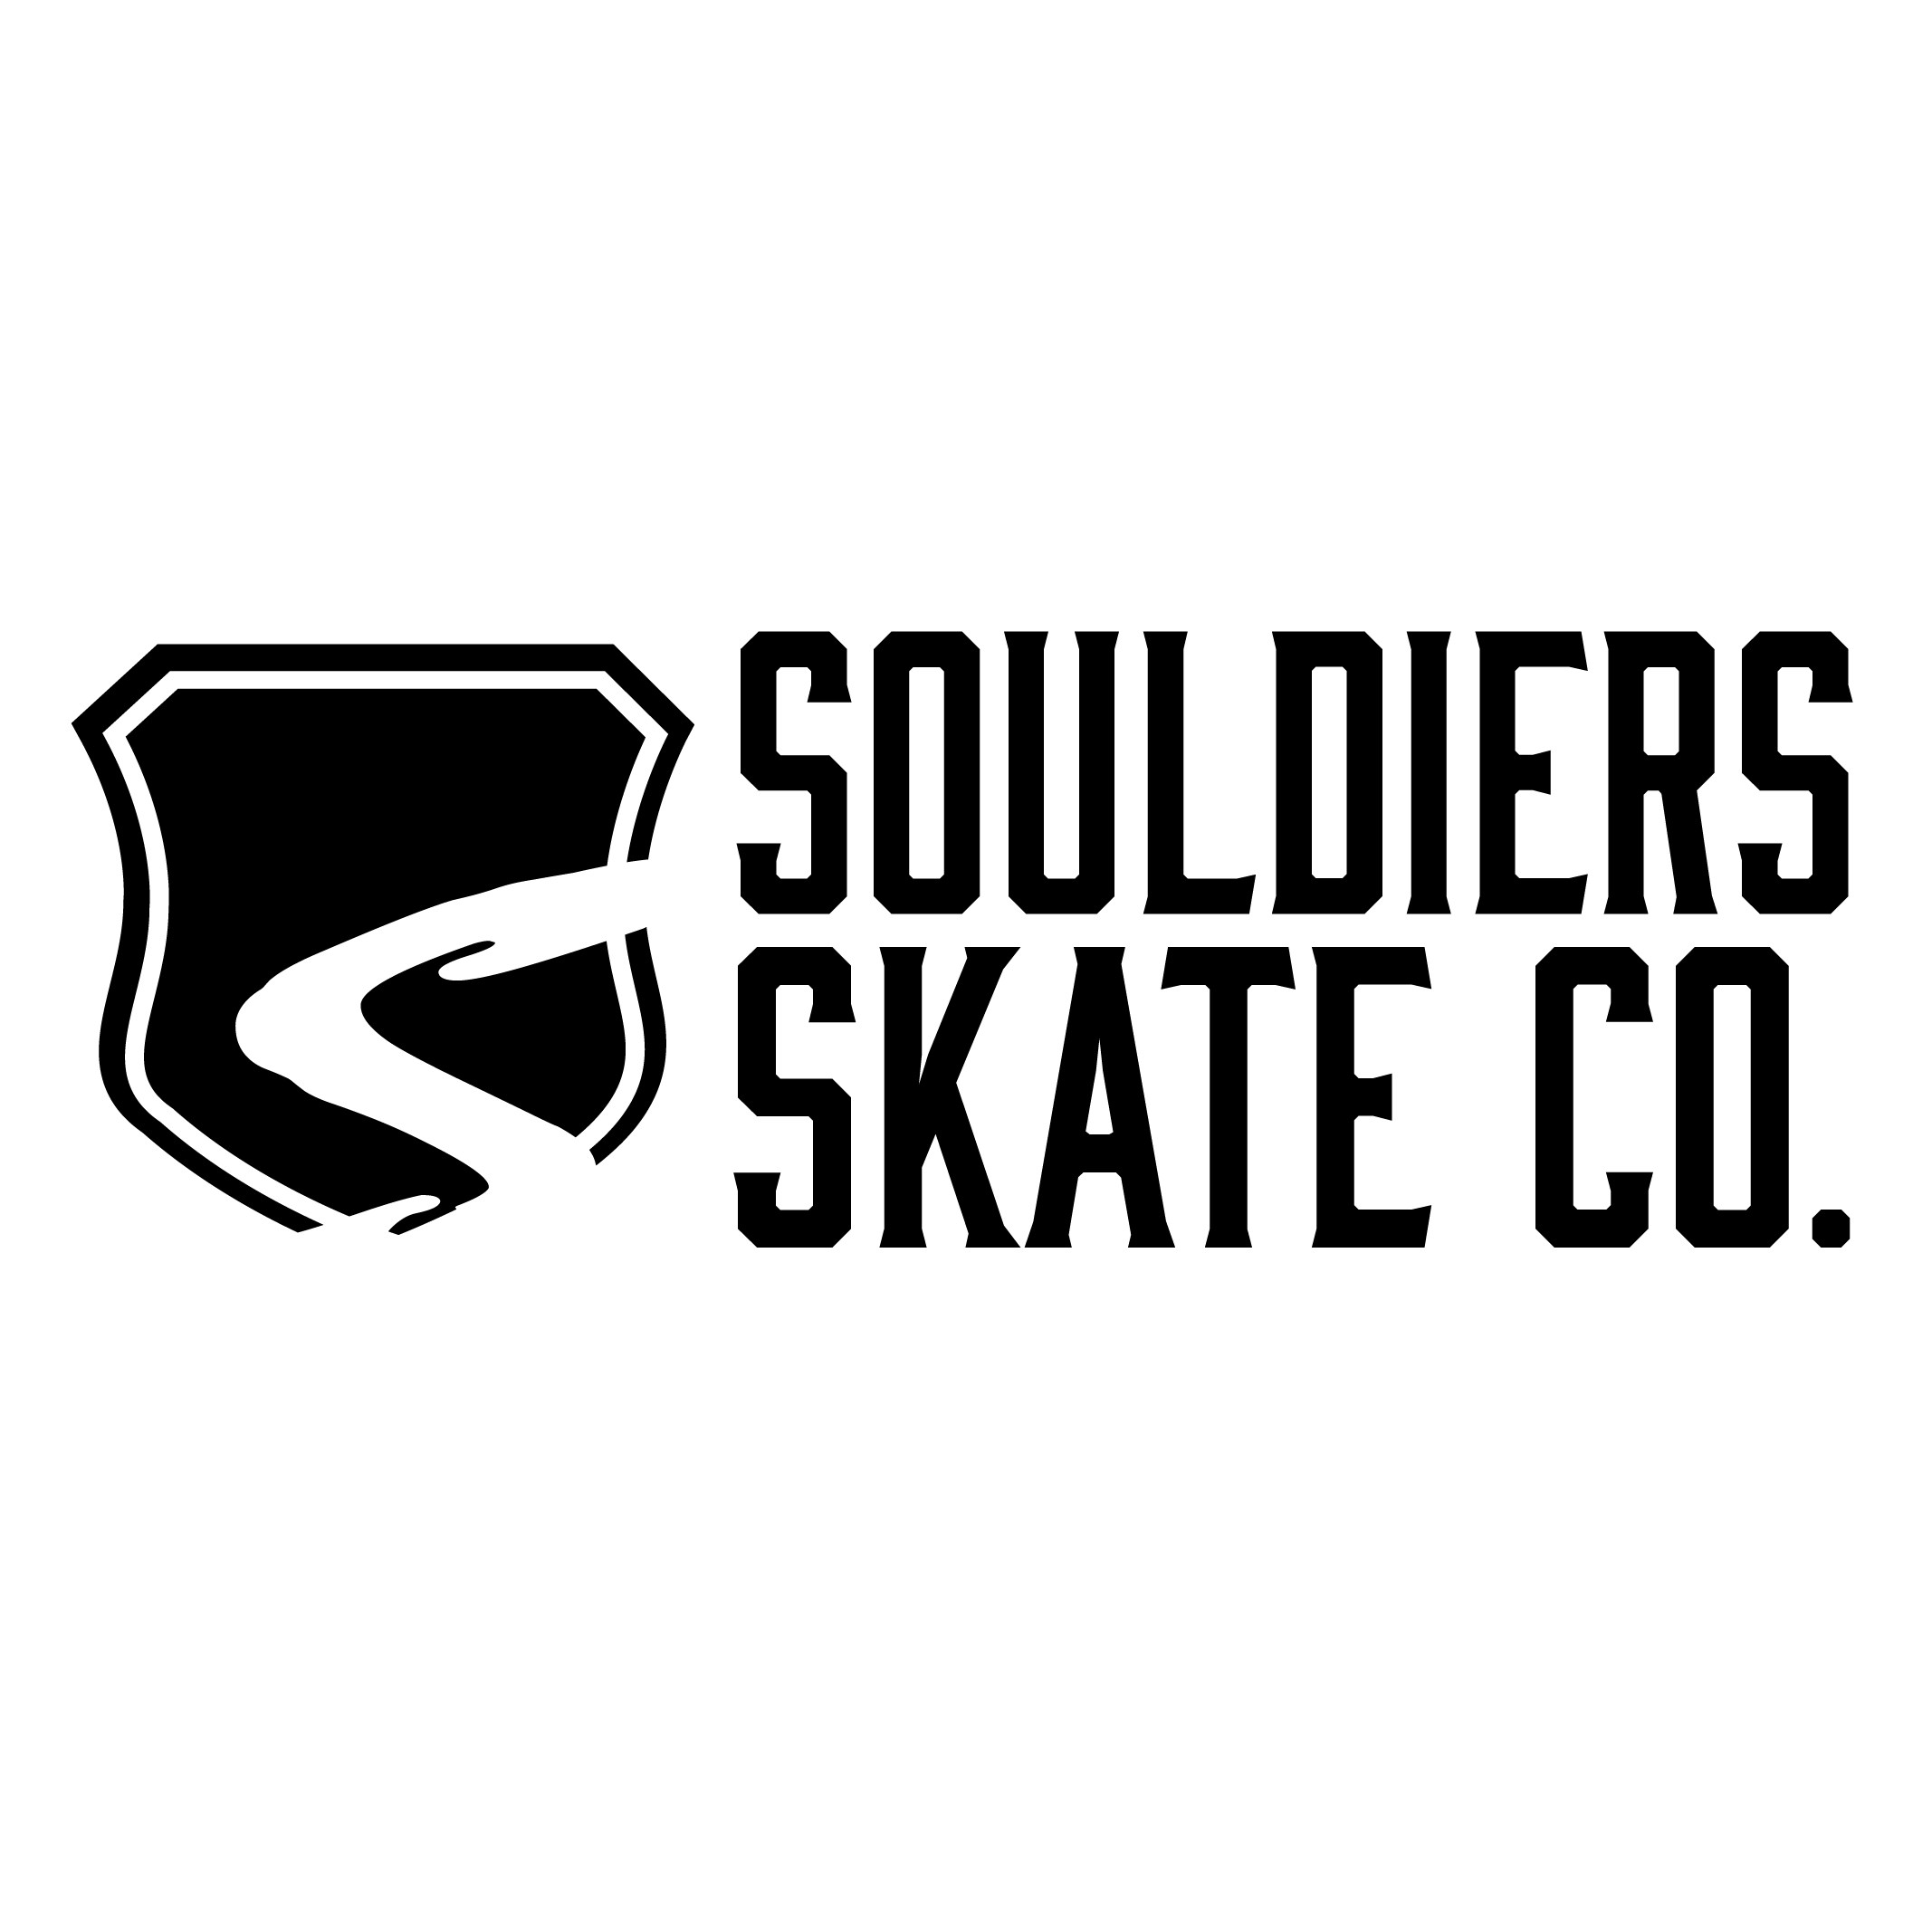 Souldiers Skate Shop Midland